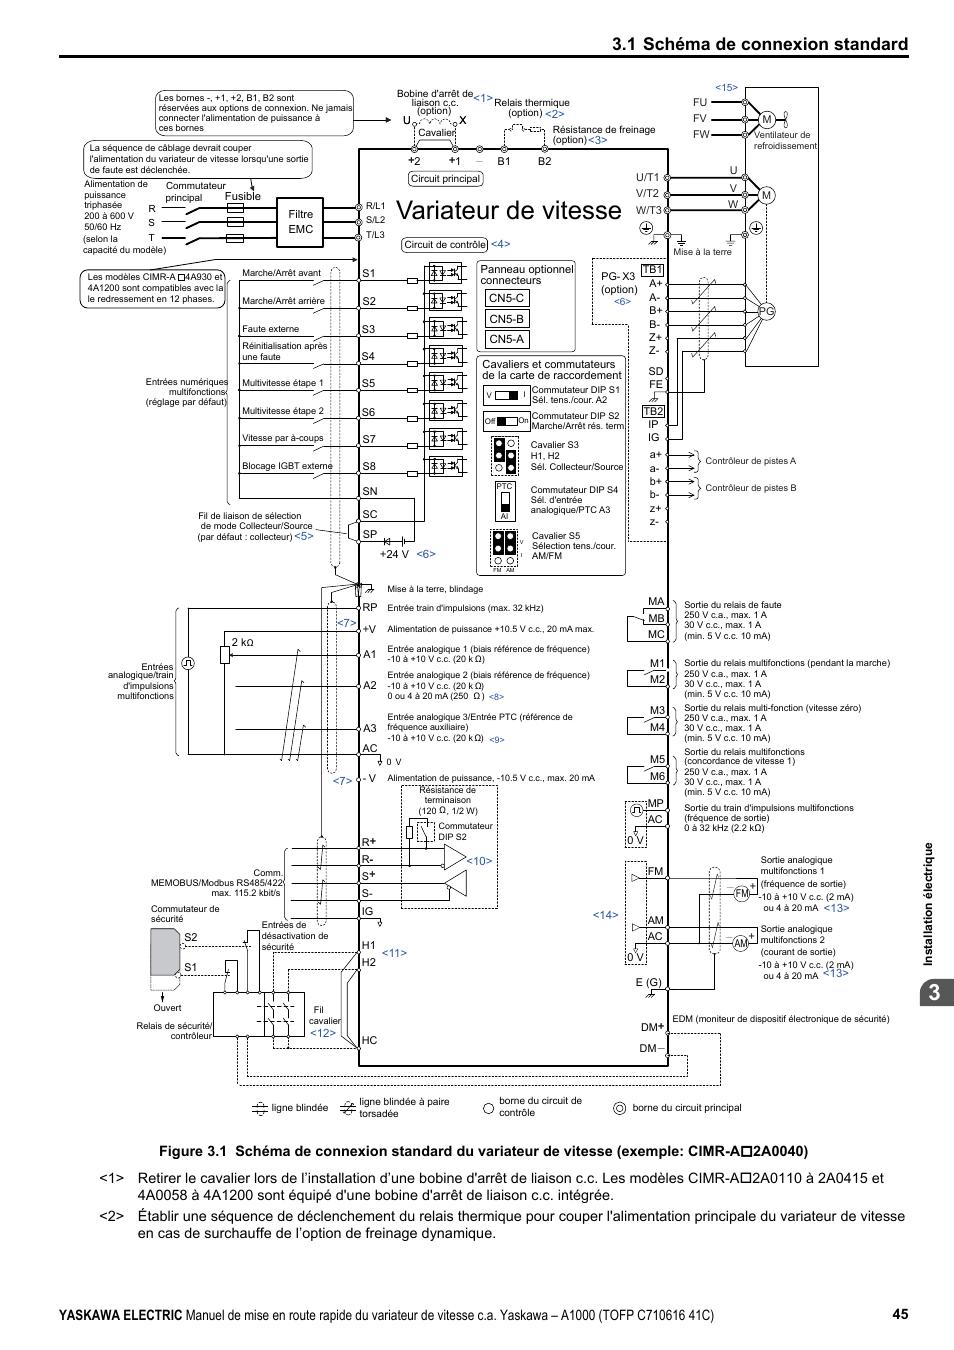 Figure 3.1, Variateur de vitesse, 1 schéma de connexion